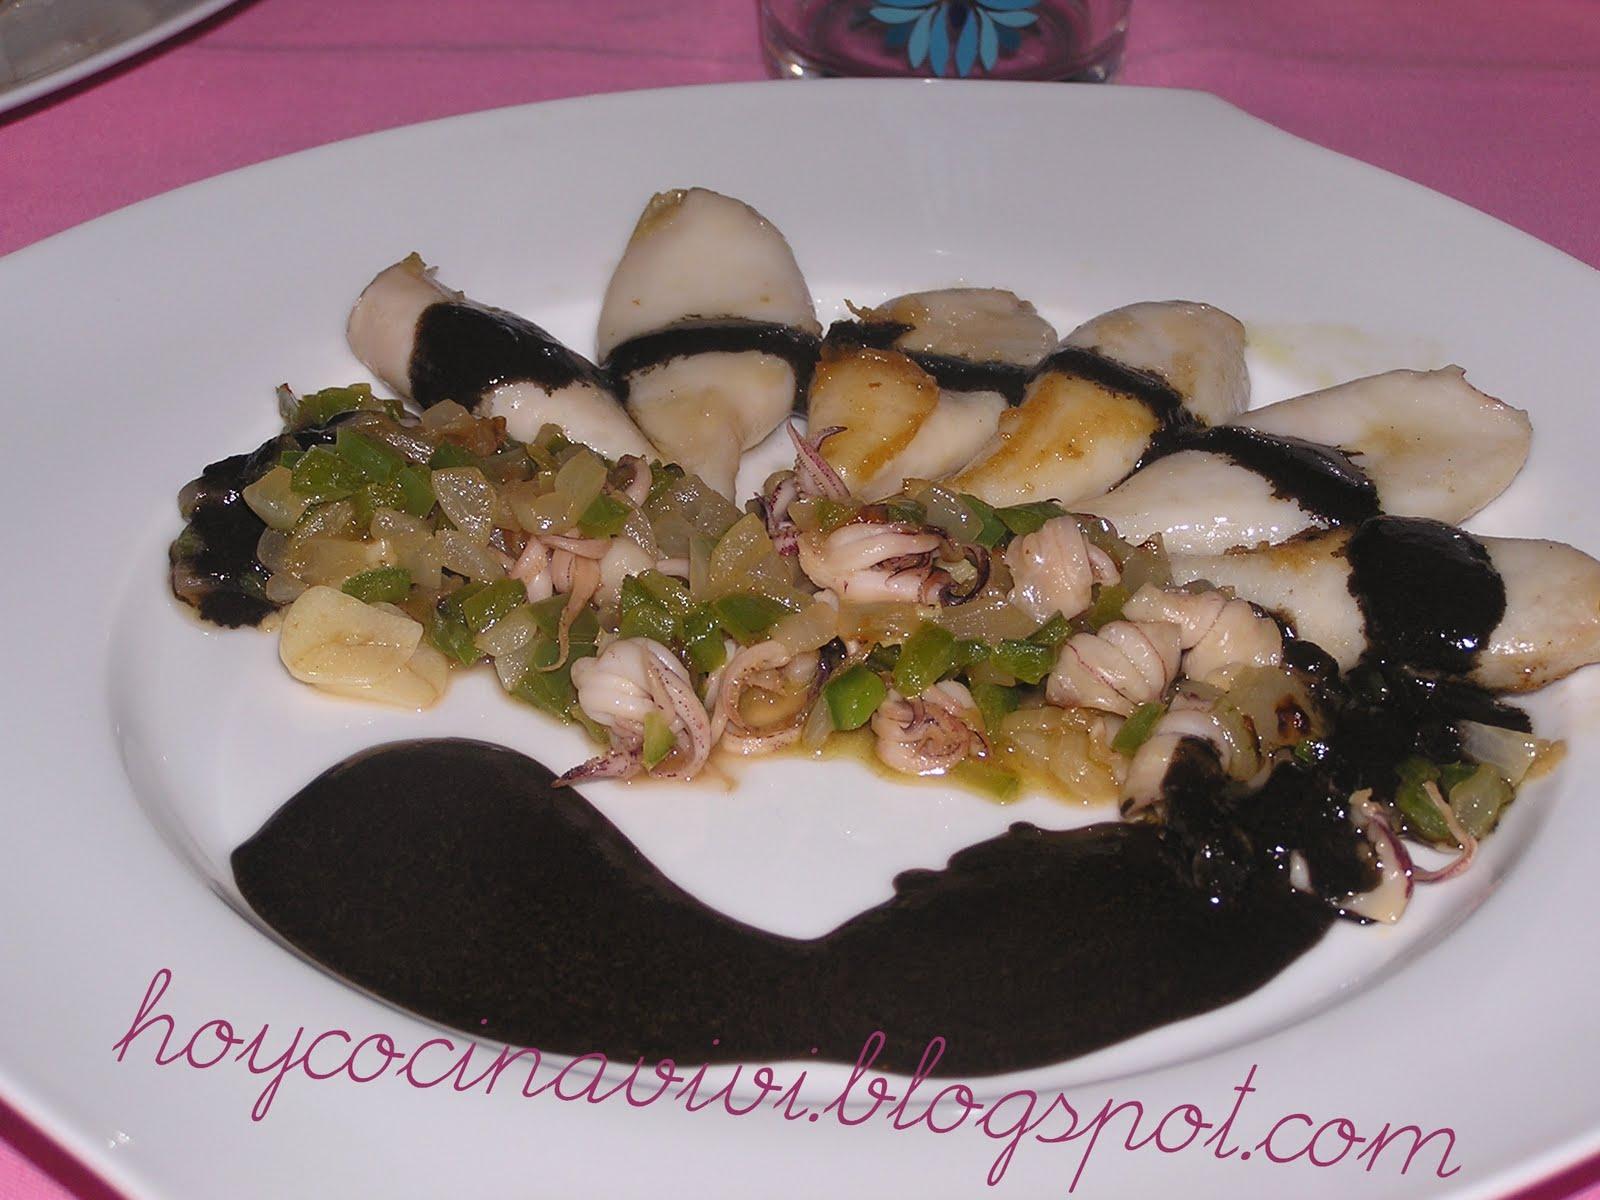 Cocinar Calamares En Su Tinta | Hoy Cocina Vivi Calamares En Su Tinta Receta De Karlos Arguinano